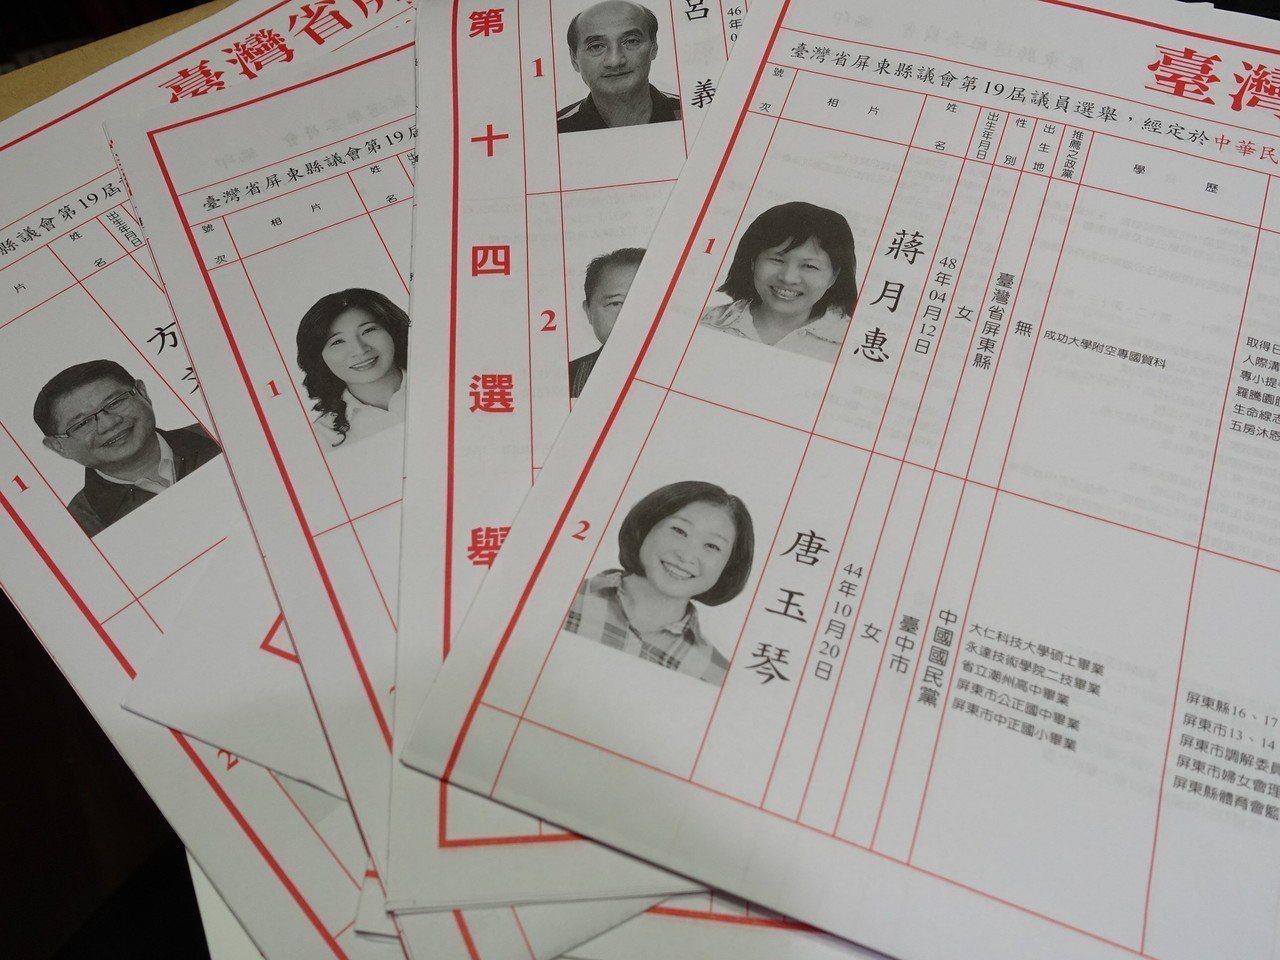 屏東縣的選舉公報光是縣長及議員選舉就印製了60多萬份,近日就會送達選民手中。記者...